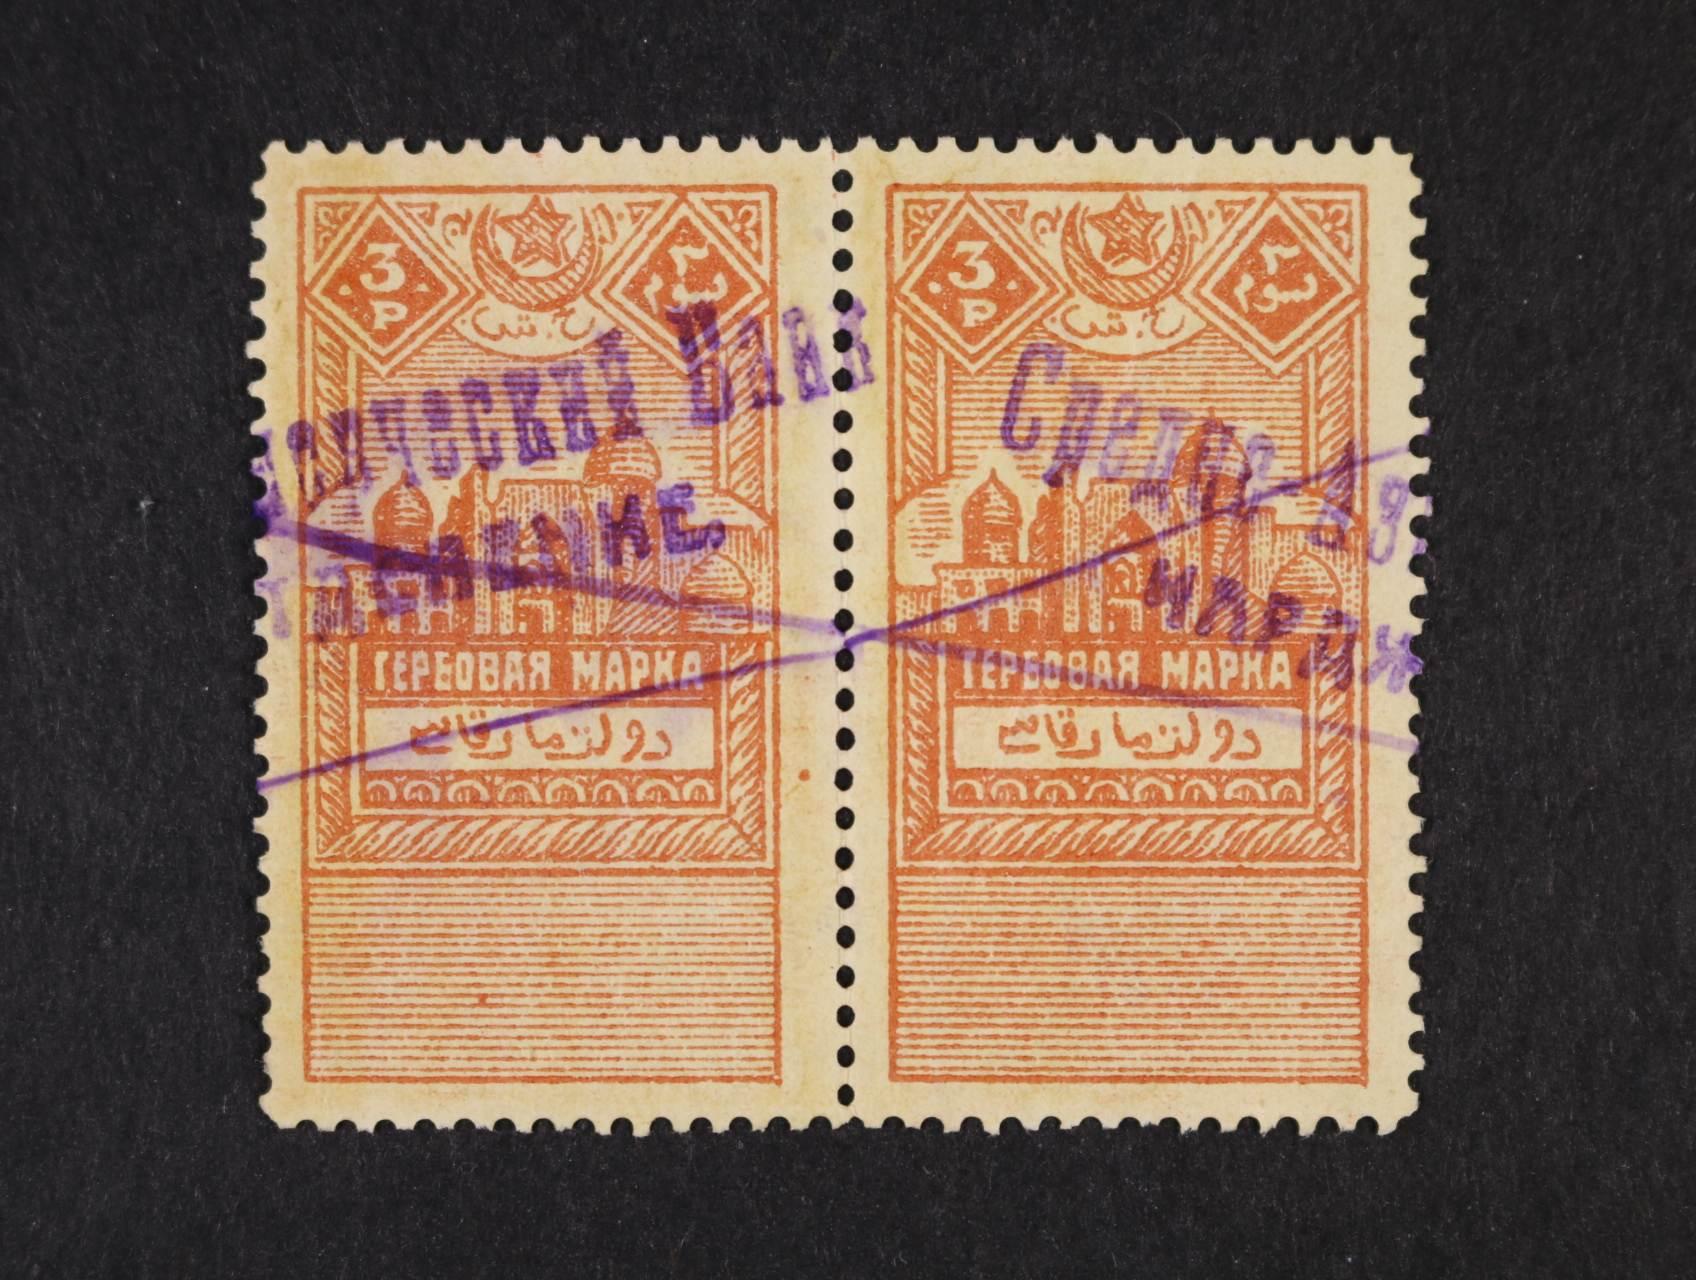 Buchara - kolková zn. 3Rubl v barvě červené ve vodorovné dvoupásce, znehodnoc. fiskálním raz a škrtem pera